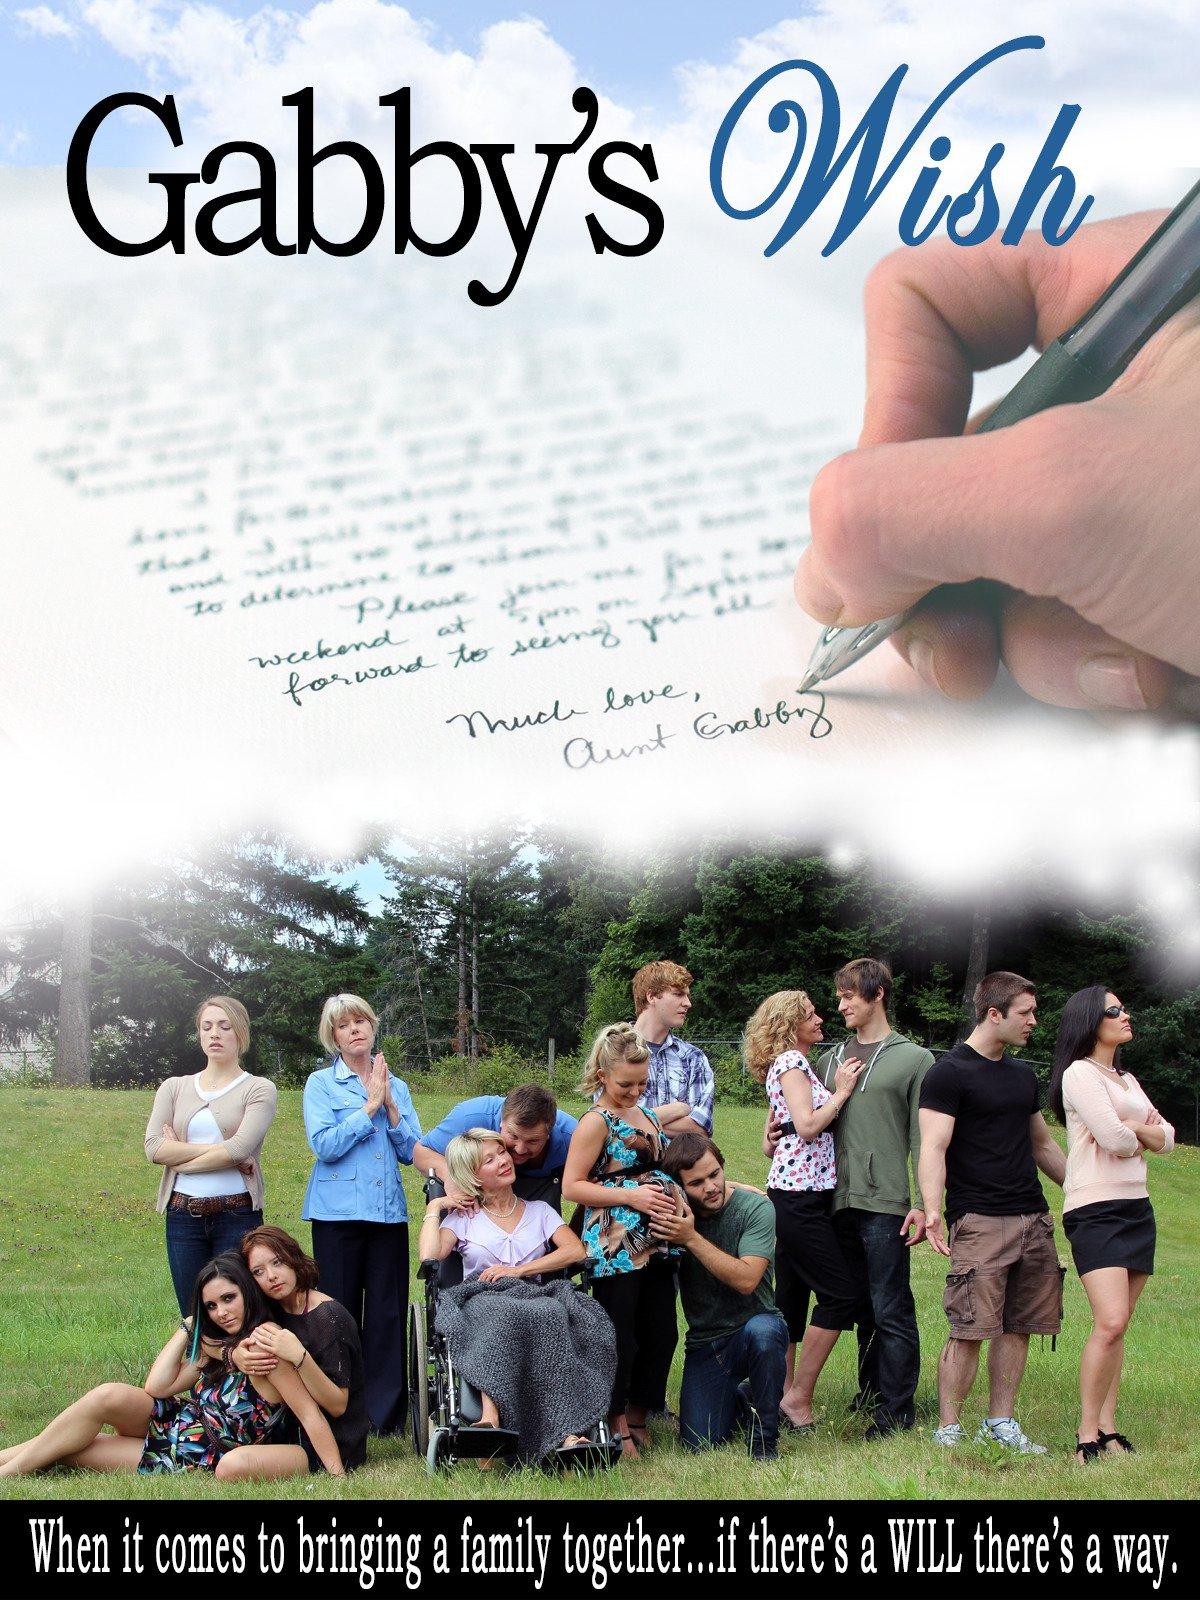 Gabby's Wish